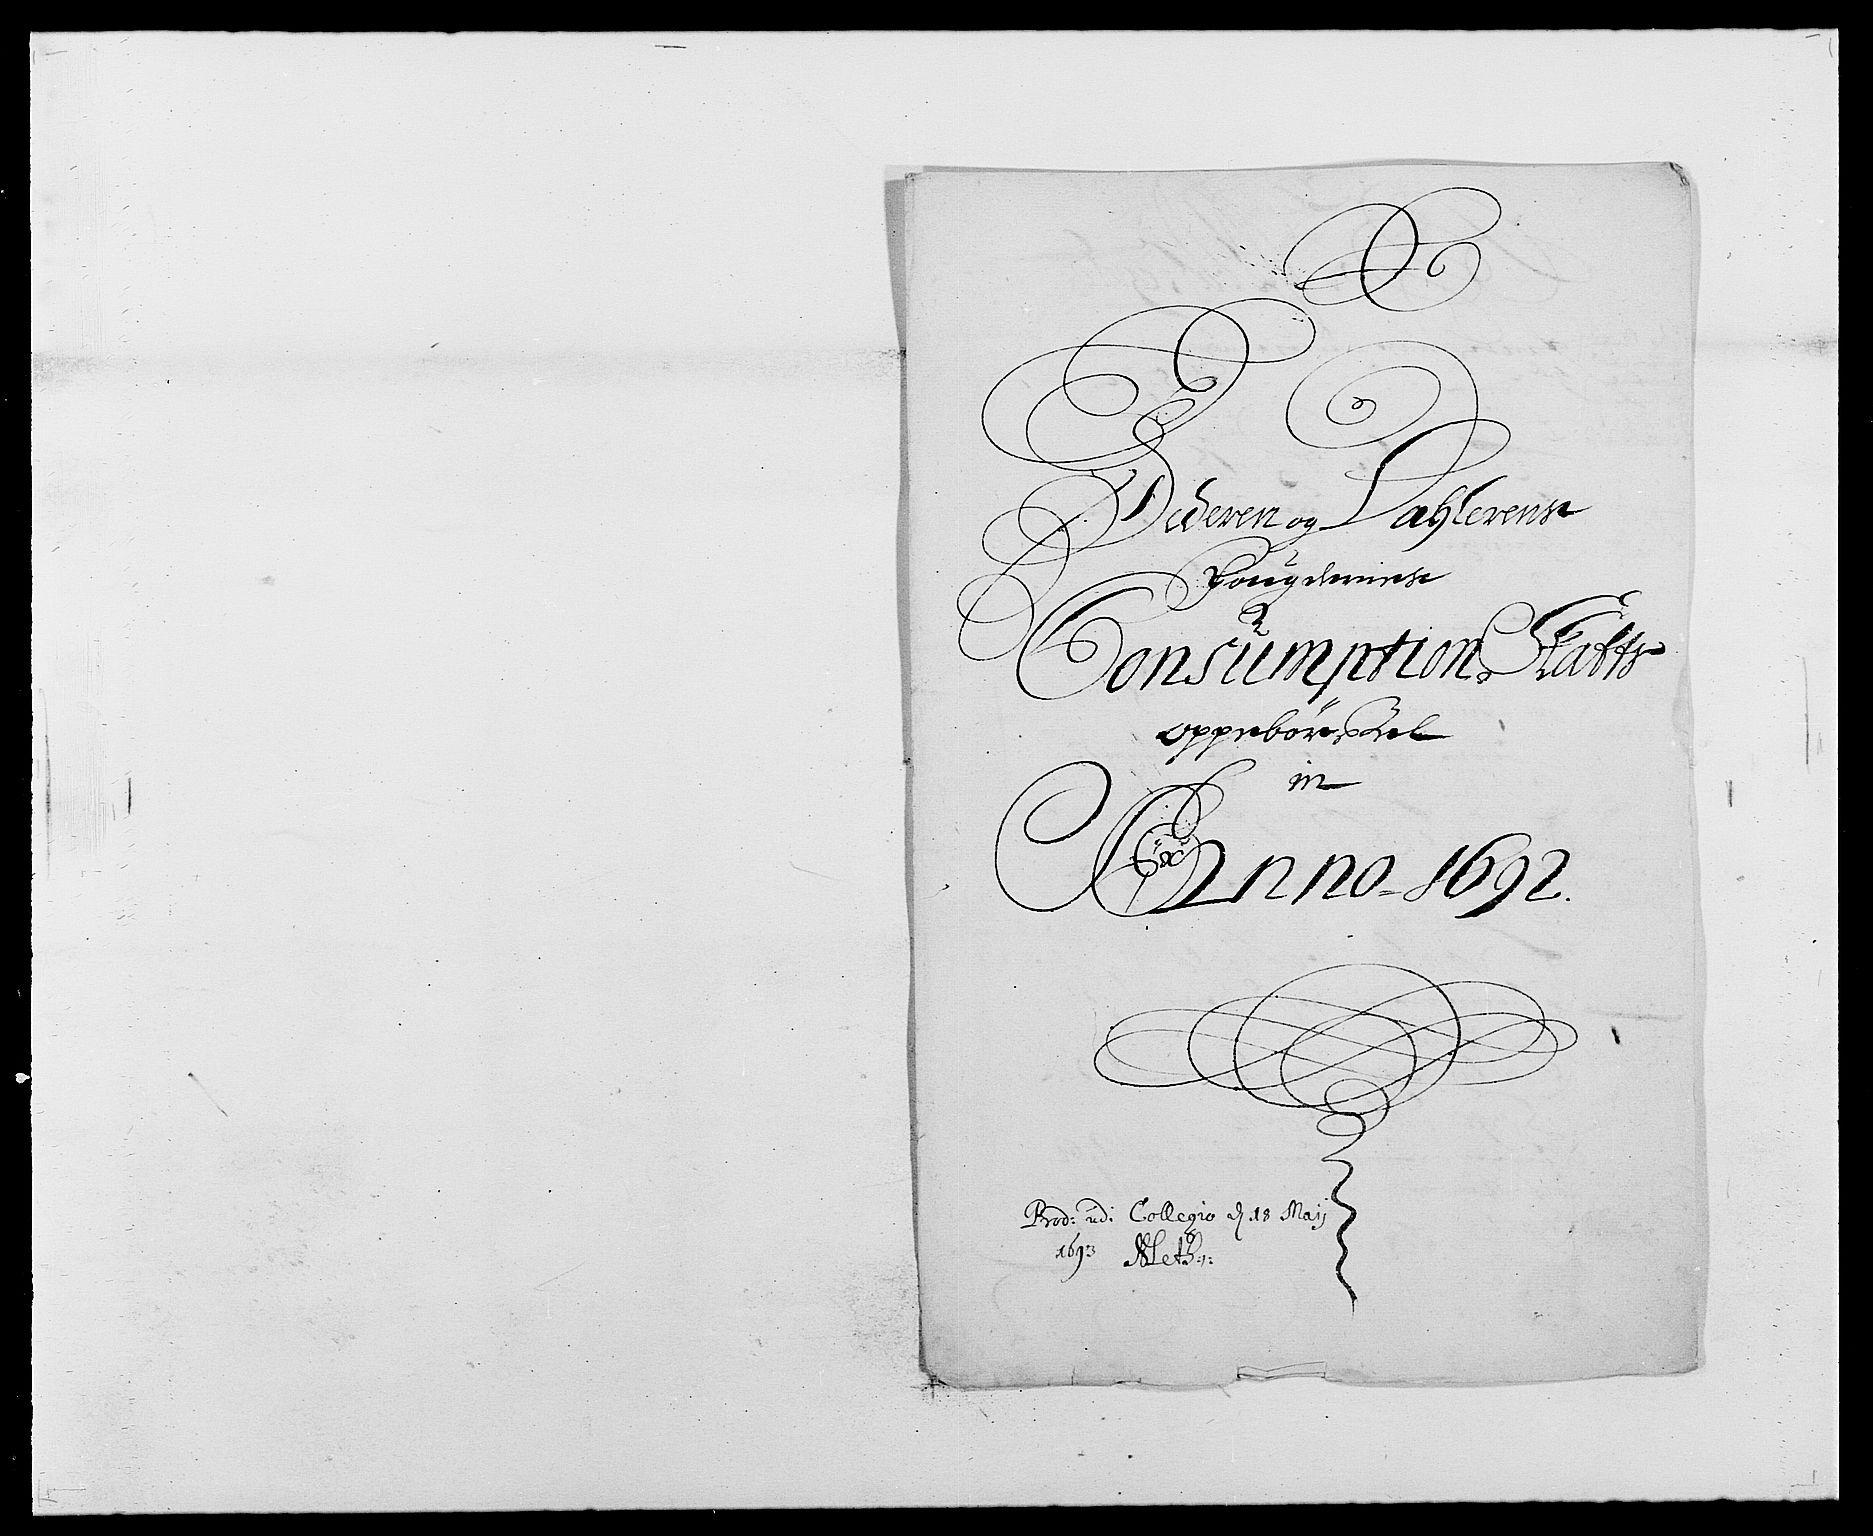 RA, Rentekammeret inntil 1814, Reviderte regnskaper, Fogderegnskap, R46/L2727: Fogderegnskap Jæren og Dalane, 1690-1693, s. 203